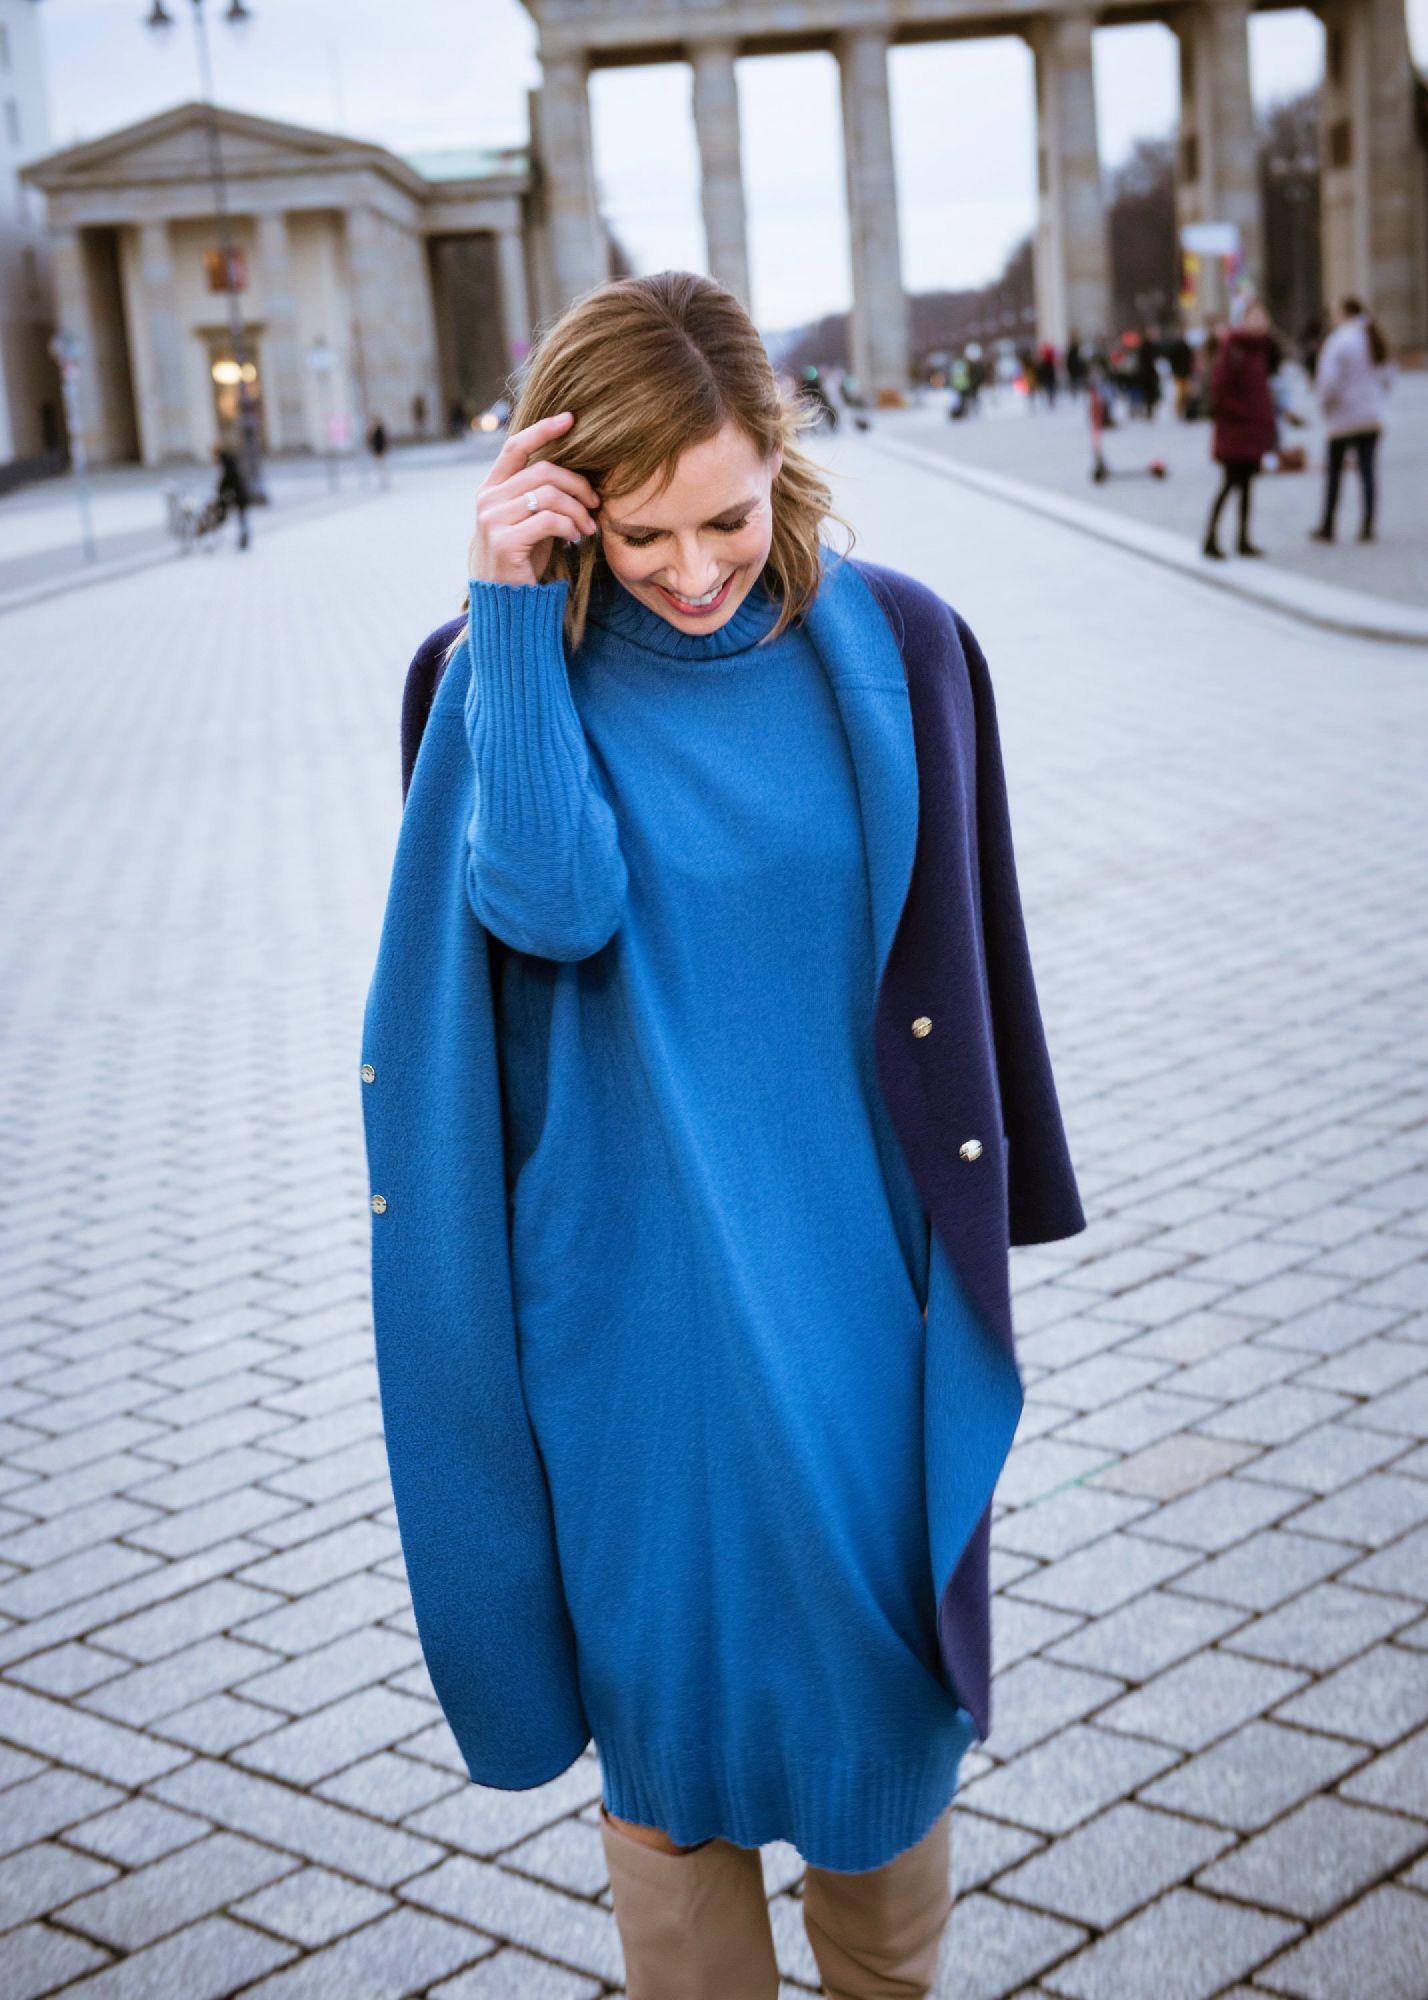 Edelziege Cashmere Kleid blau und Cashmere Mantel vor Brandenburger Tor